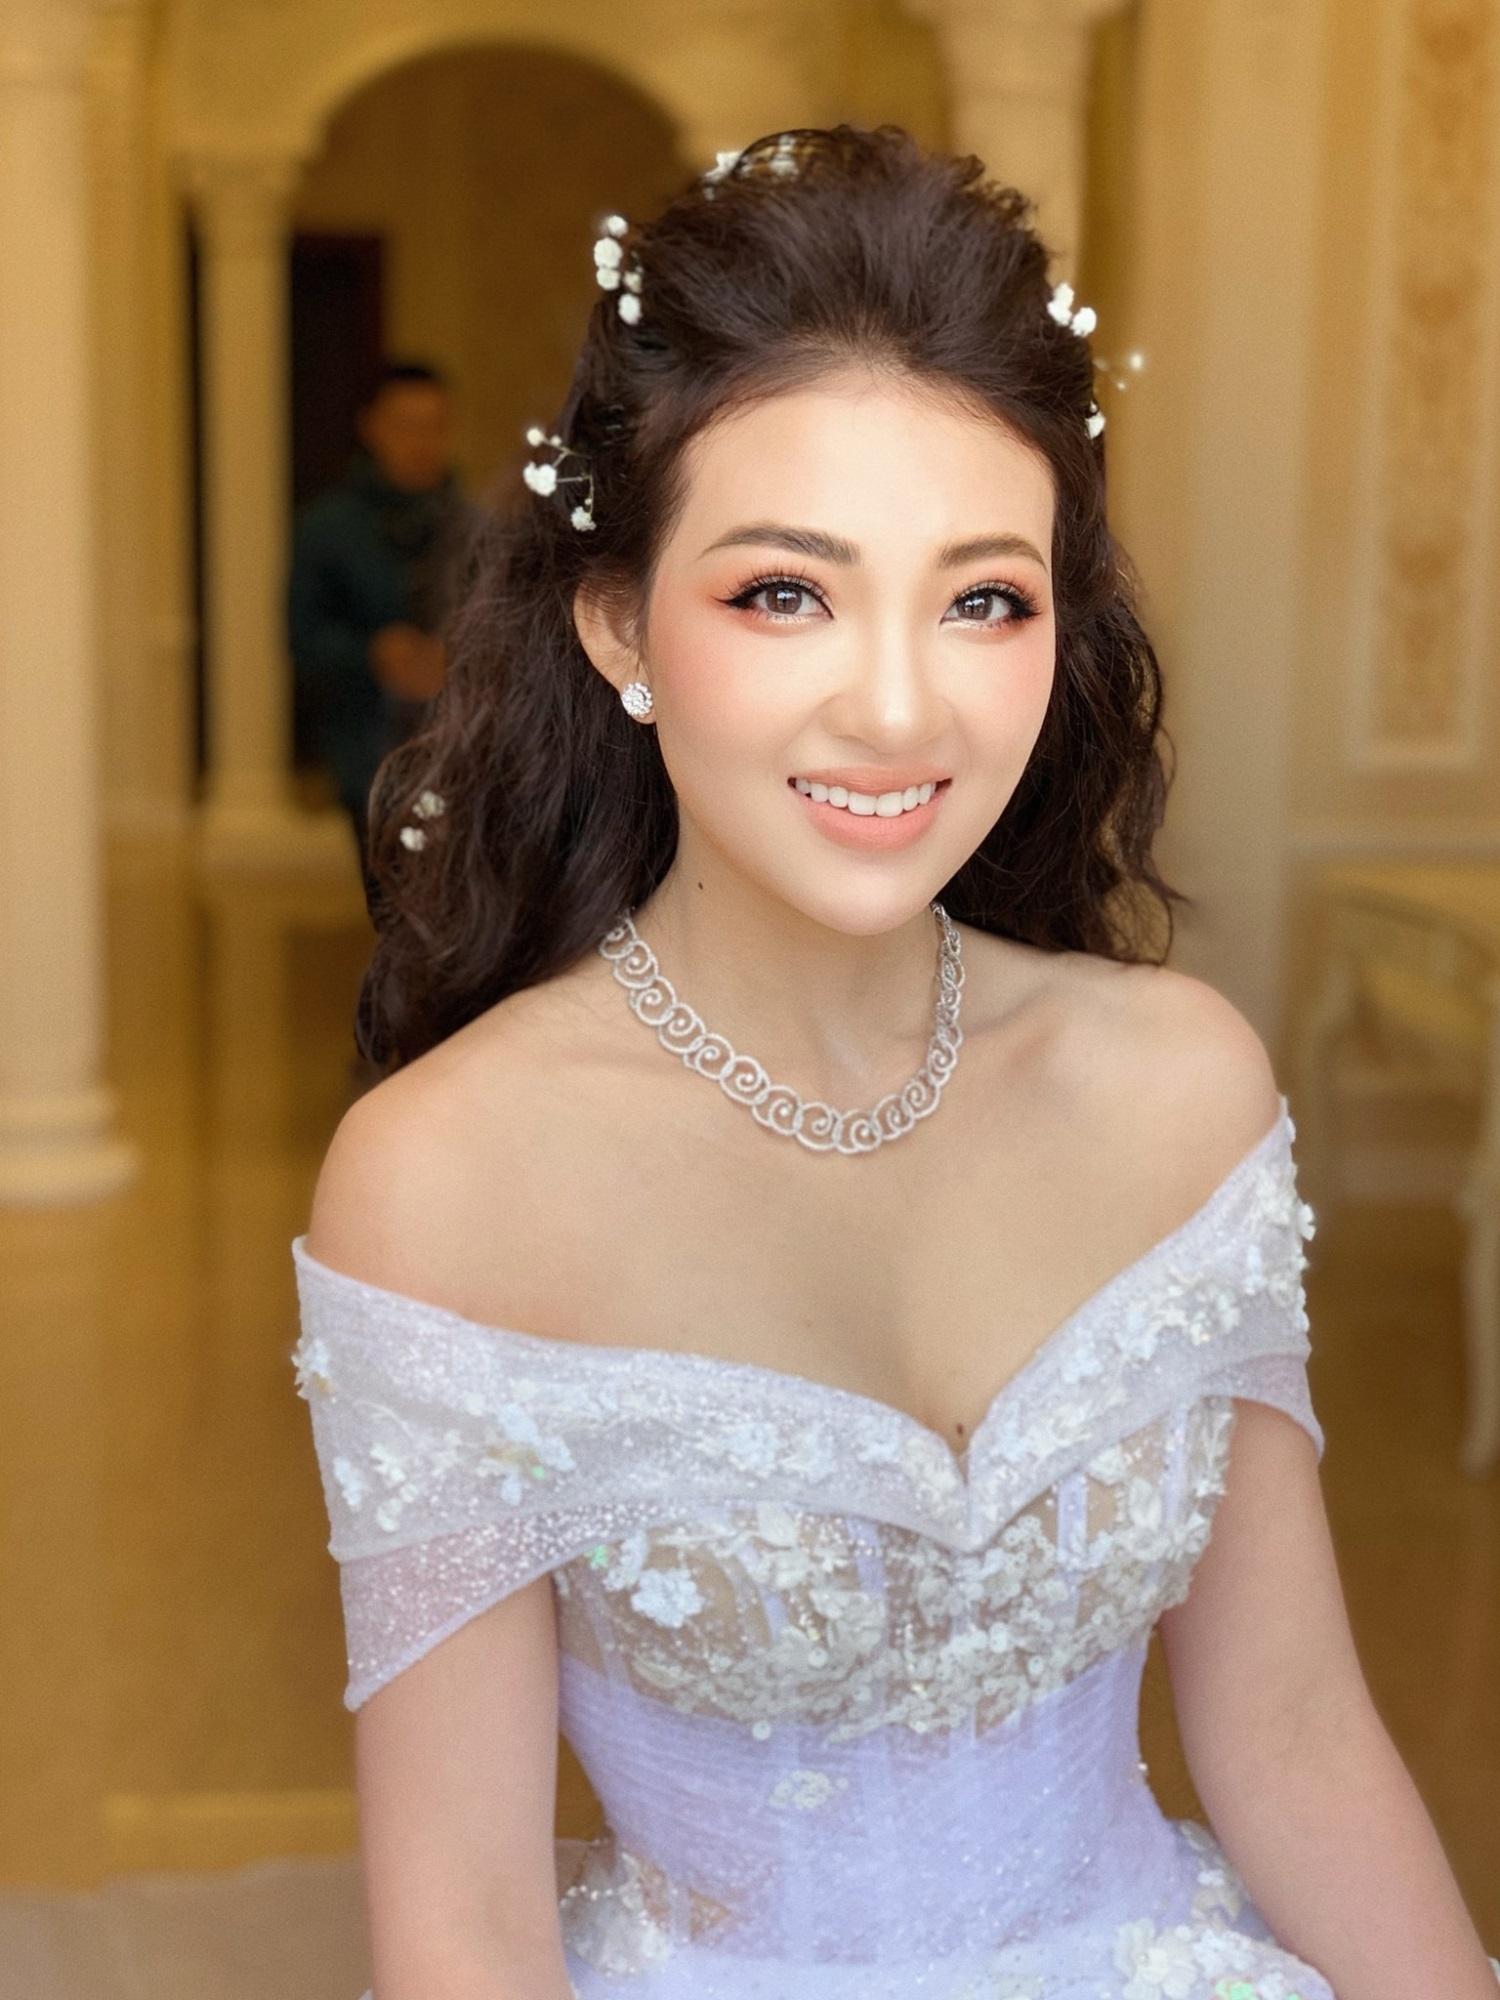 Đám cưới khủng của cô dâu trong lâu đài 7 tầng: Gây chú ý không kém là bộ trang sức đính kim cương 9 tỷ, nhiều món là bản giới hạn - Ảnh 2